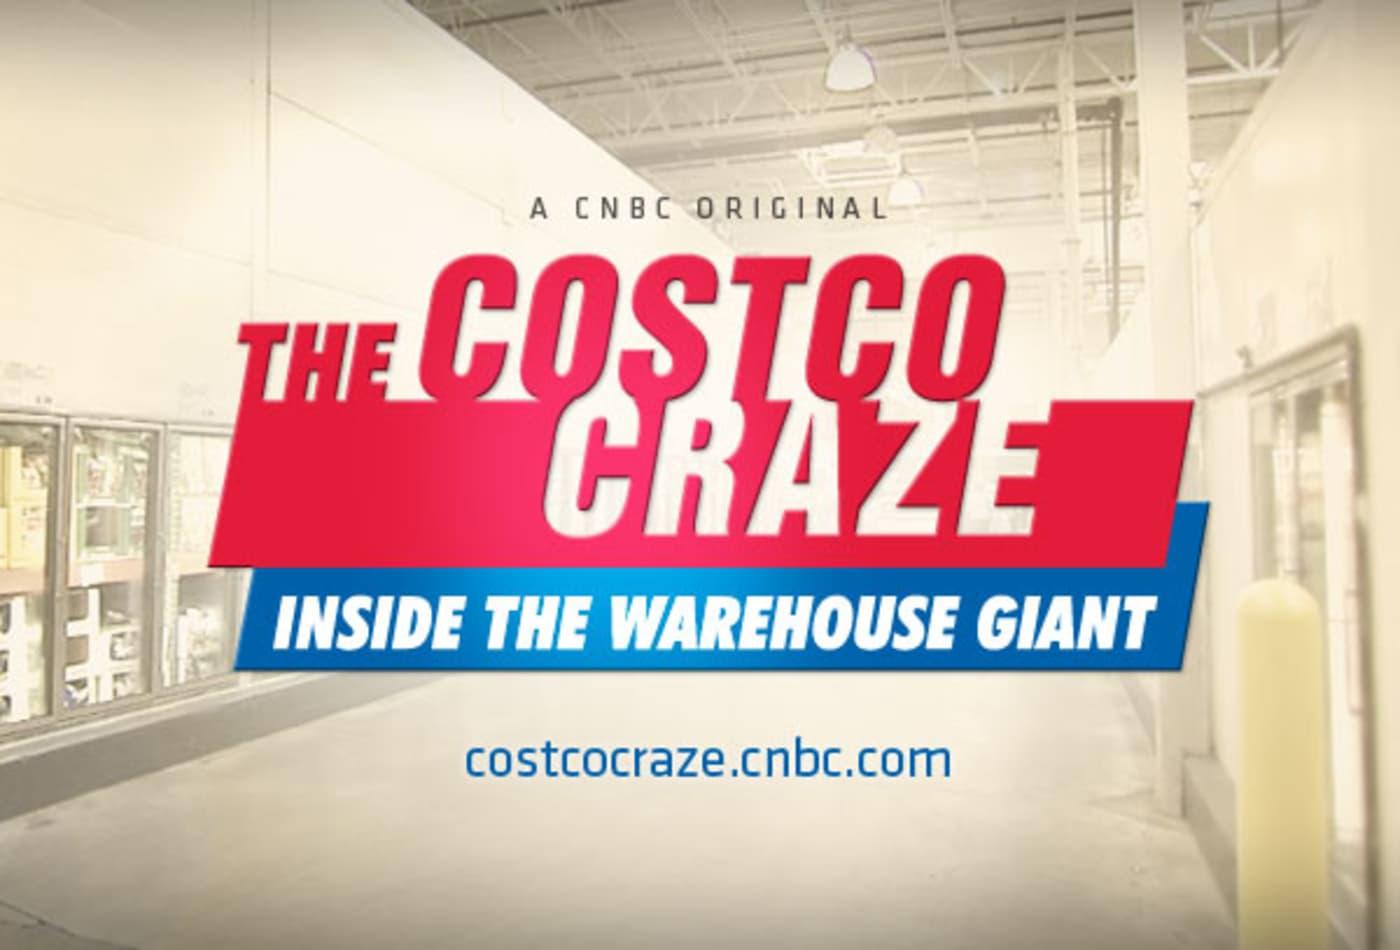 costco-craze-endslide.jpg